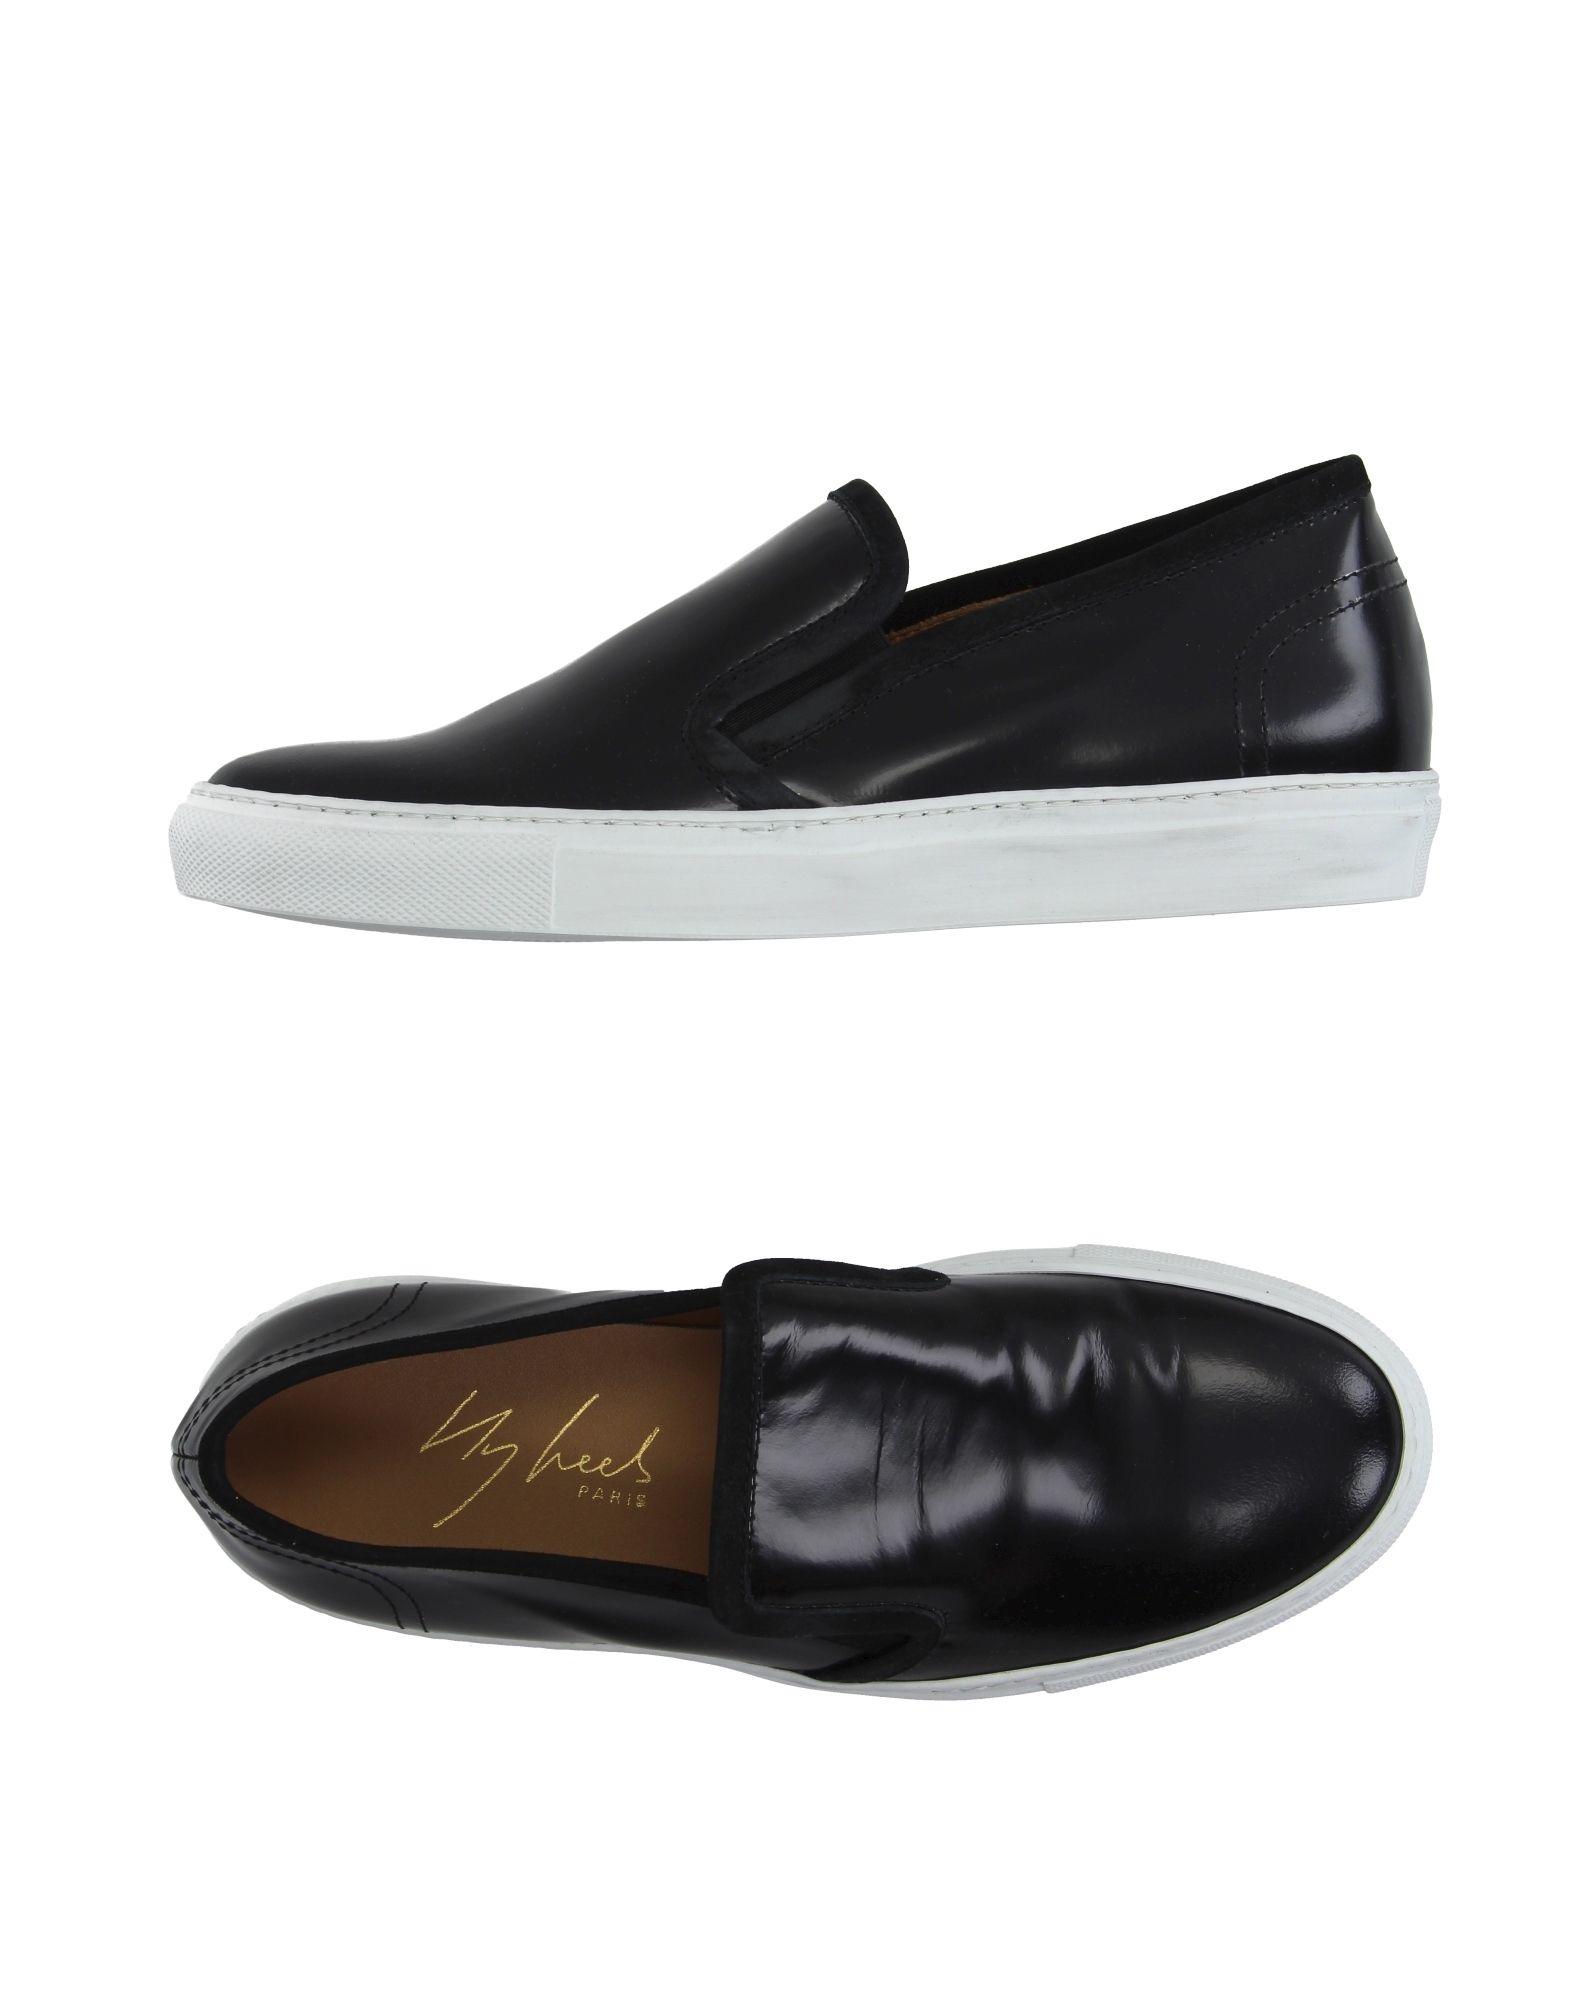 Baskets My Heels Femme - Baskets My Heels Noir Nouvelles chaussures pour hommes et femmes, remise limitée dans le temps